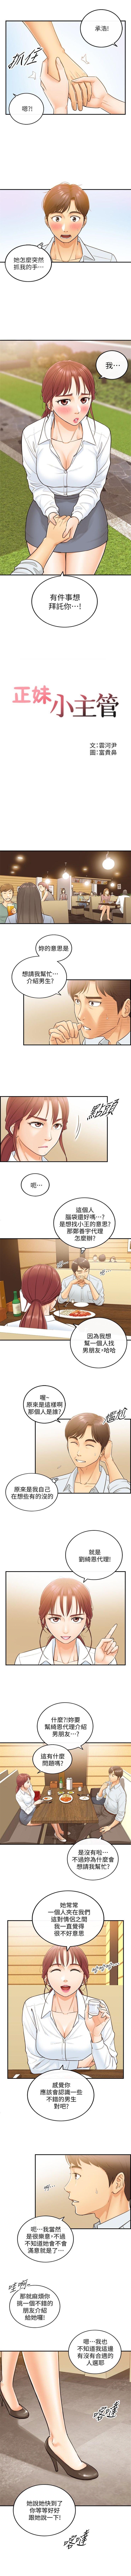 (周5)正妹小主管 1-26 中文翻译(更新中) 29